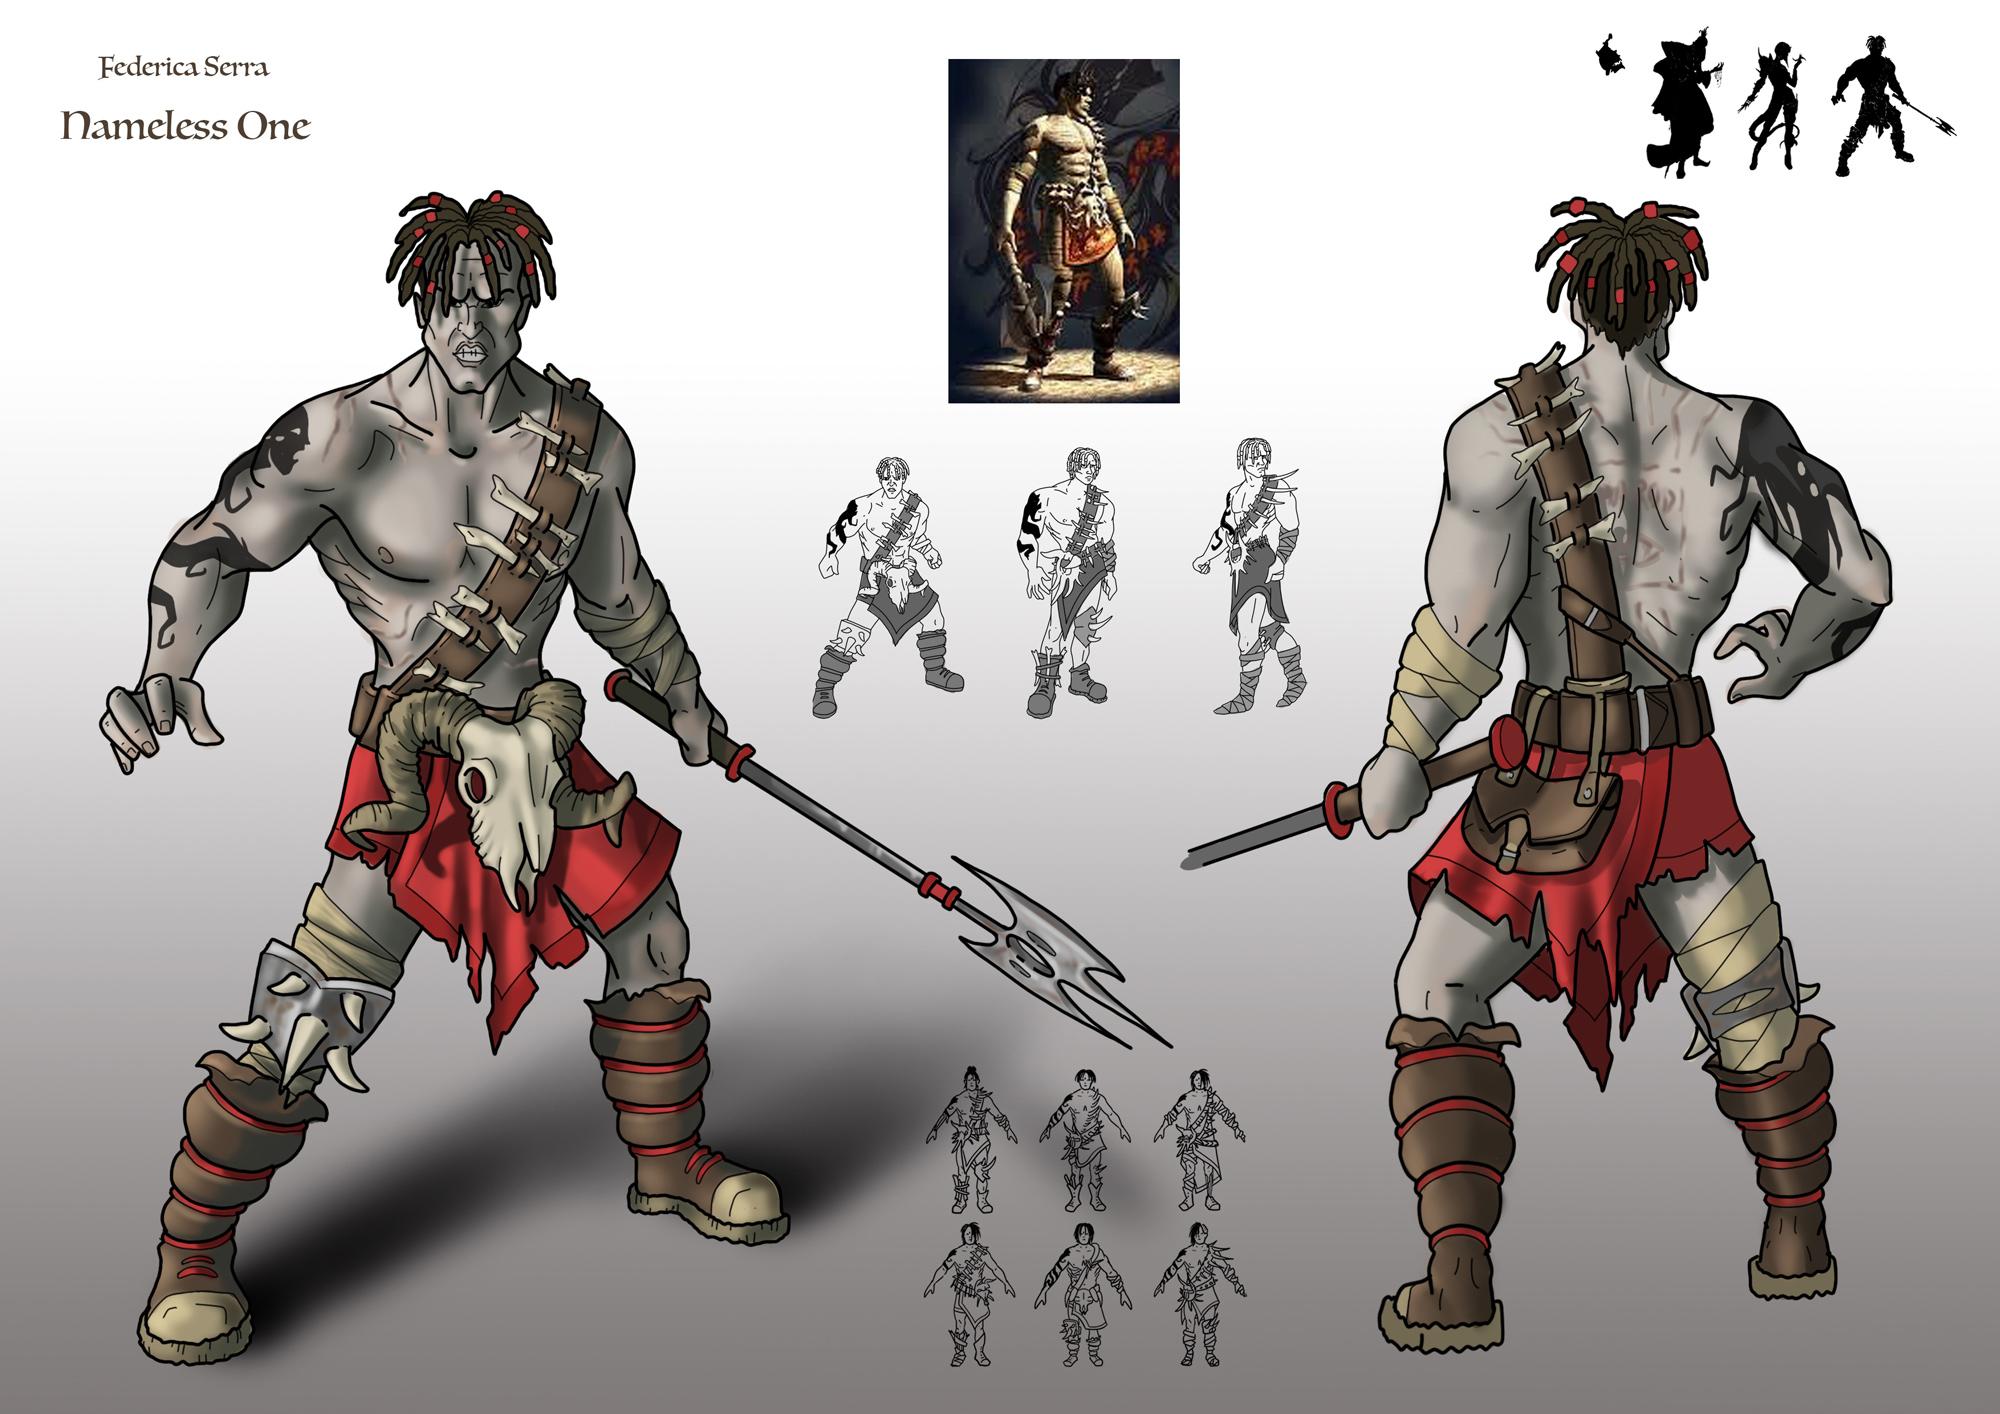 {$tags} Concept study personaggio, Nameless One - by Federica Serra Planescape Torment Redesign Project (2020) © Scuola Internazionale di Comics Torino e dell'autore, tutti i diritti riservati